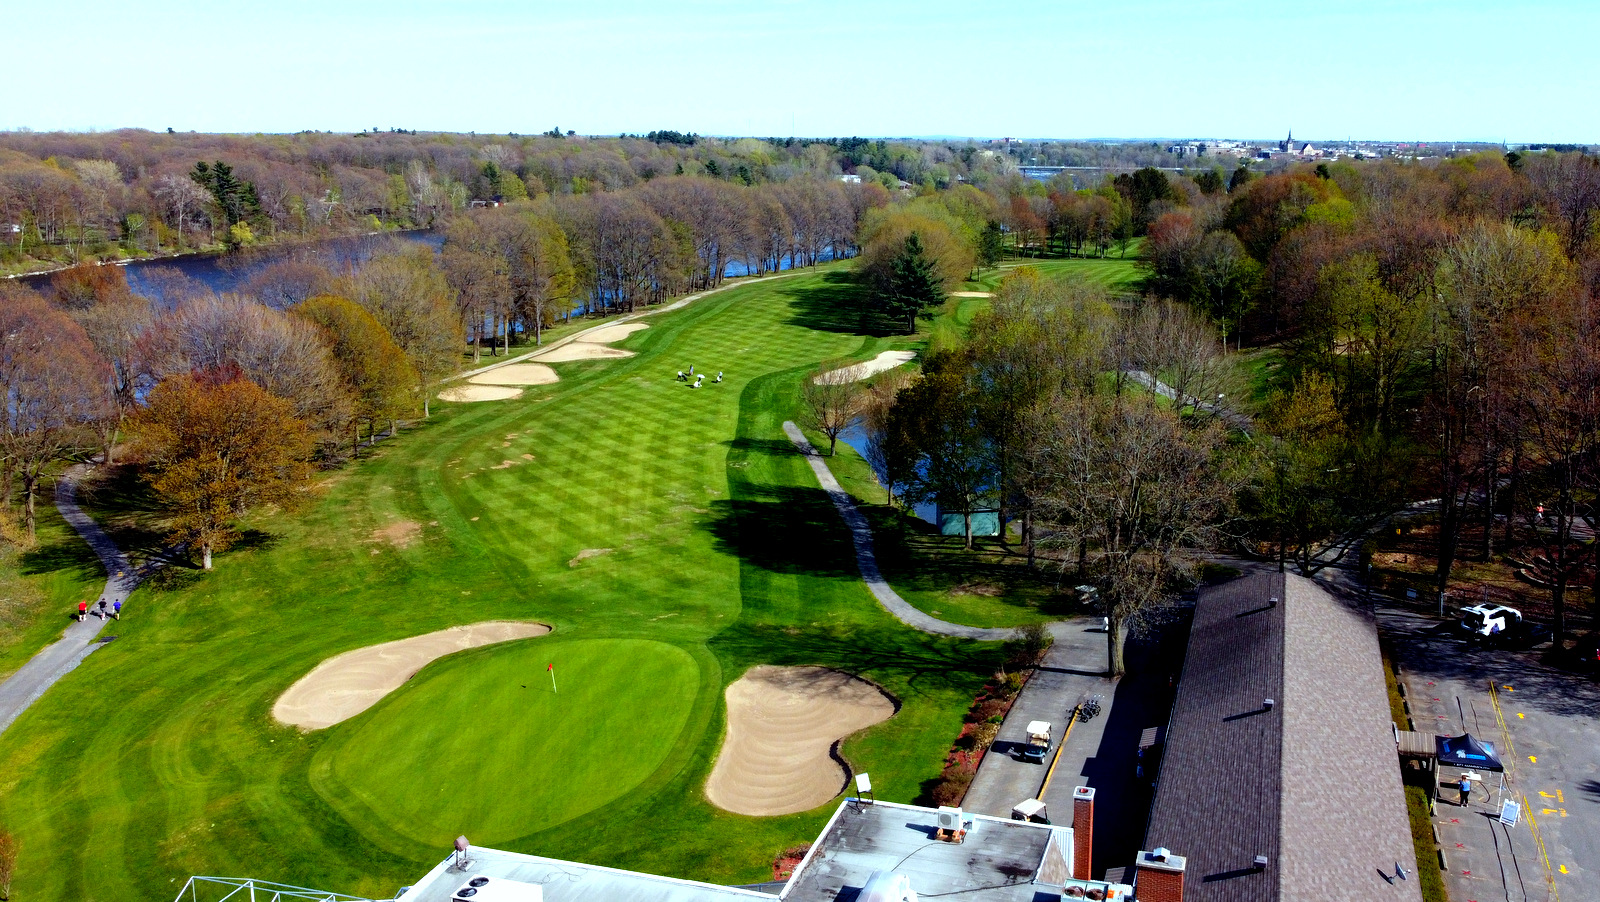 Le Club de Golf Drummondville repousse le début des travaux prévus pour  2020 à l'automne 2021. – Vingt55